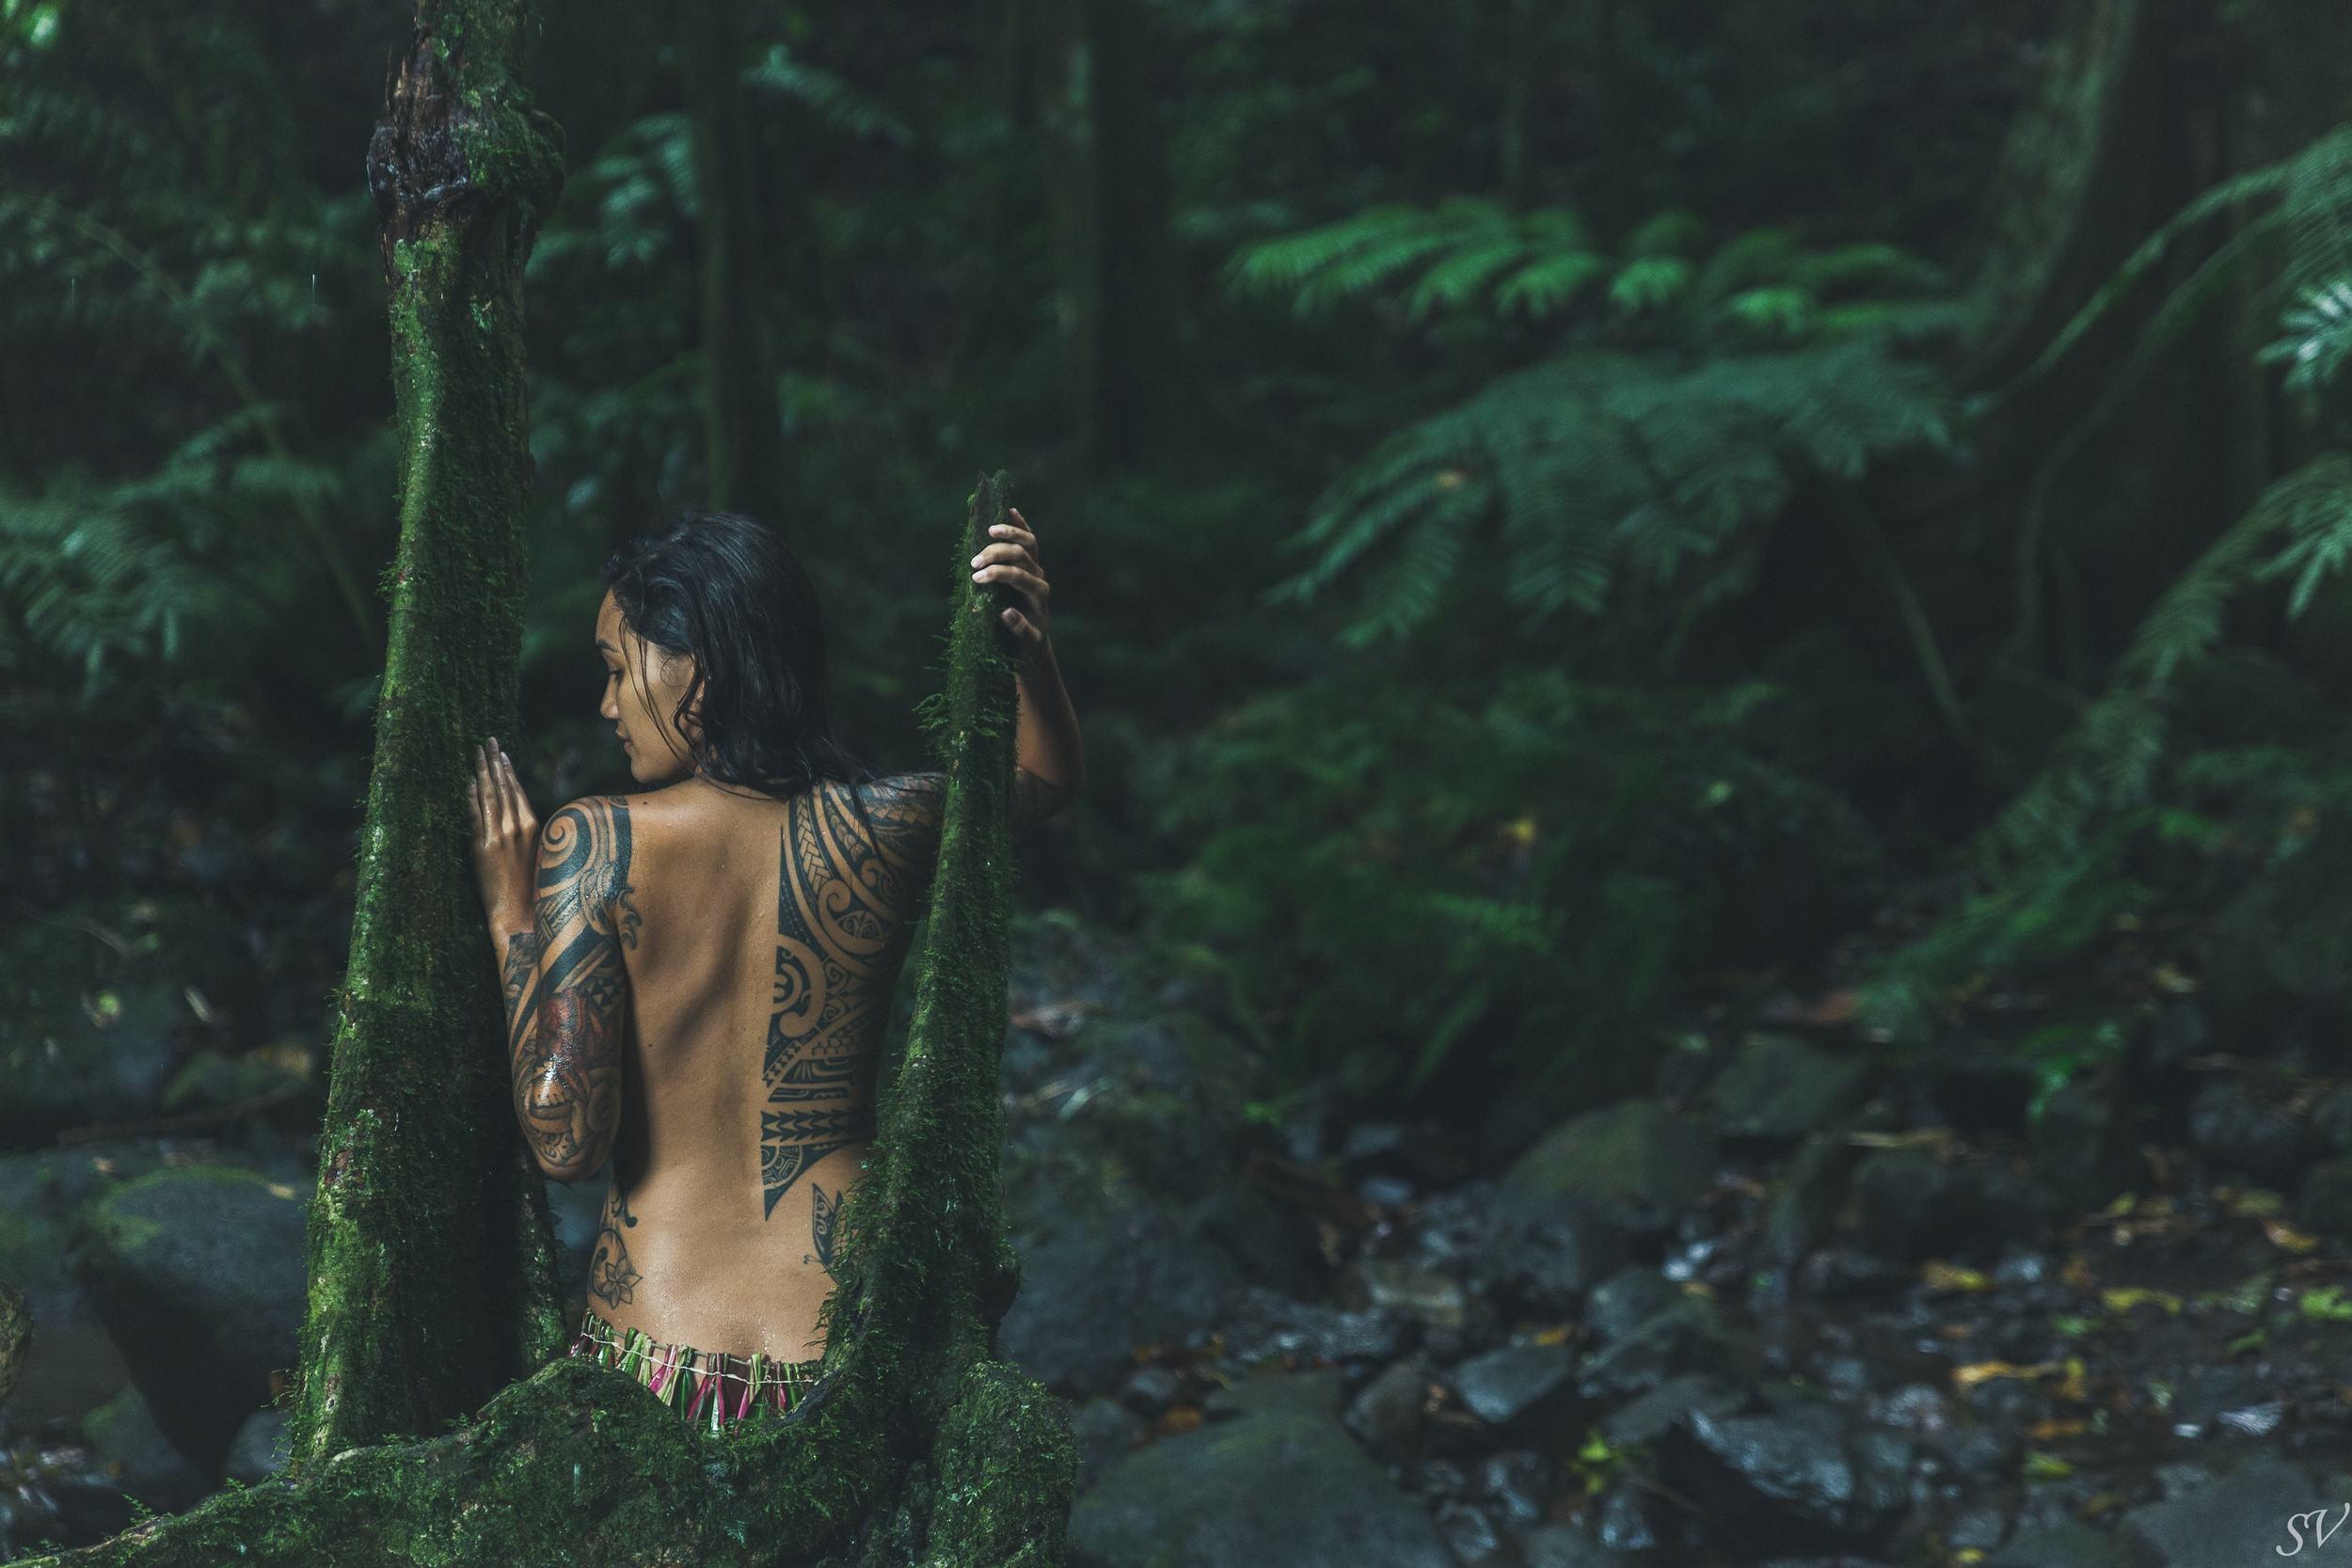 Into the stump